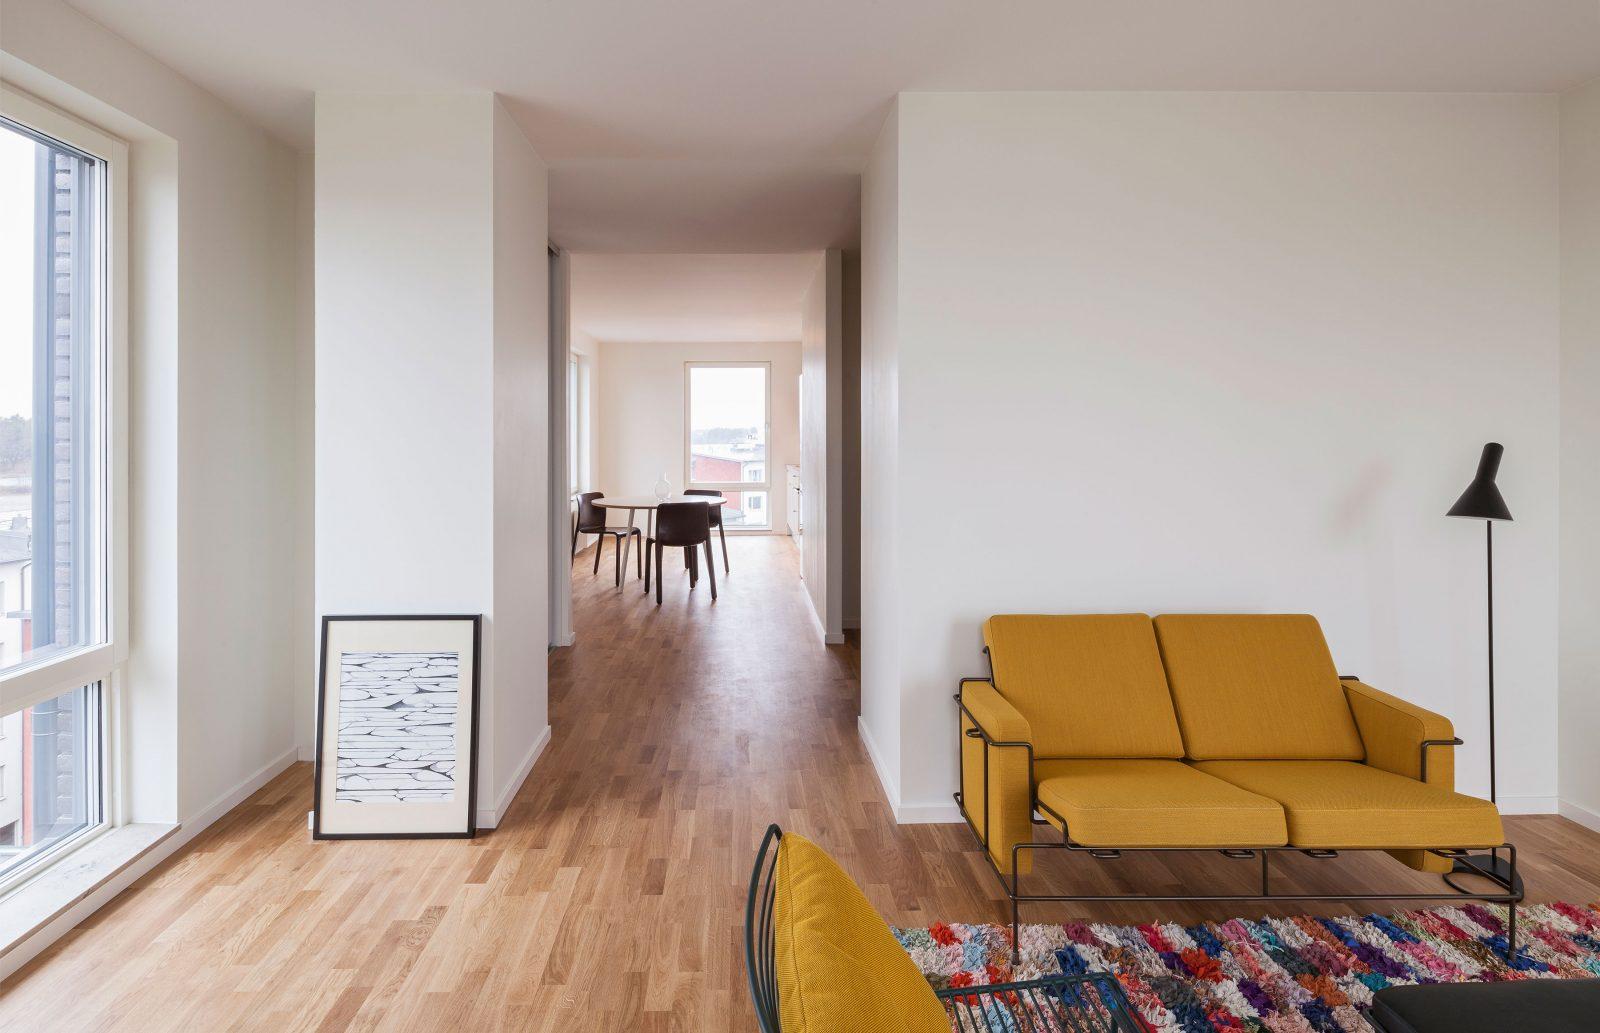 KjellanderSjoberg Majagraddnos interior02